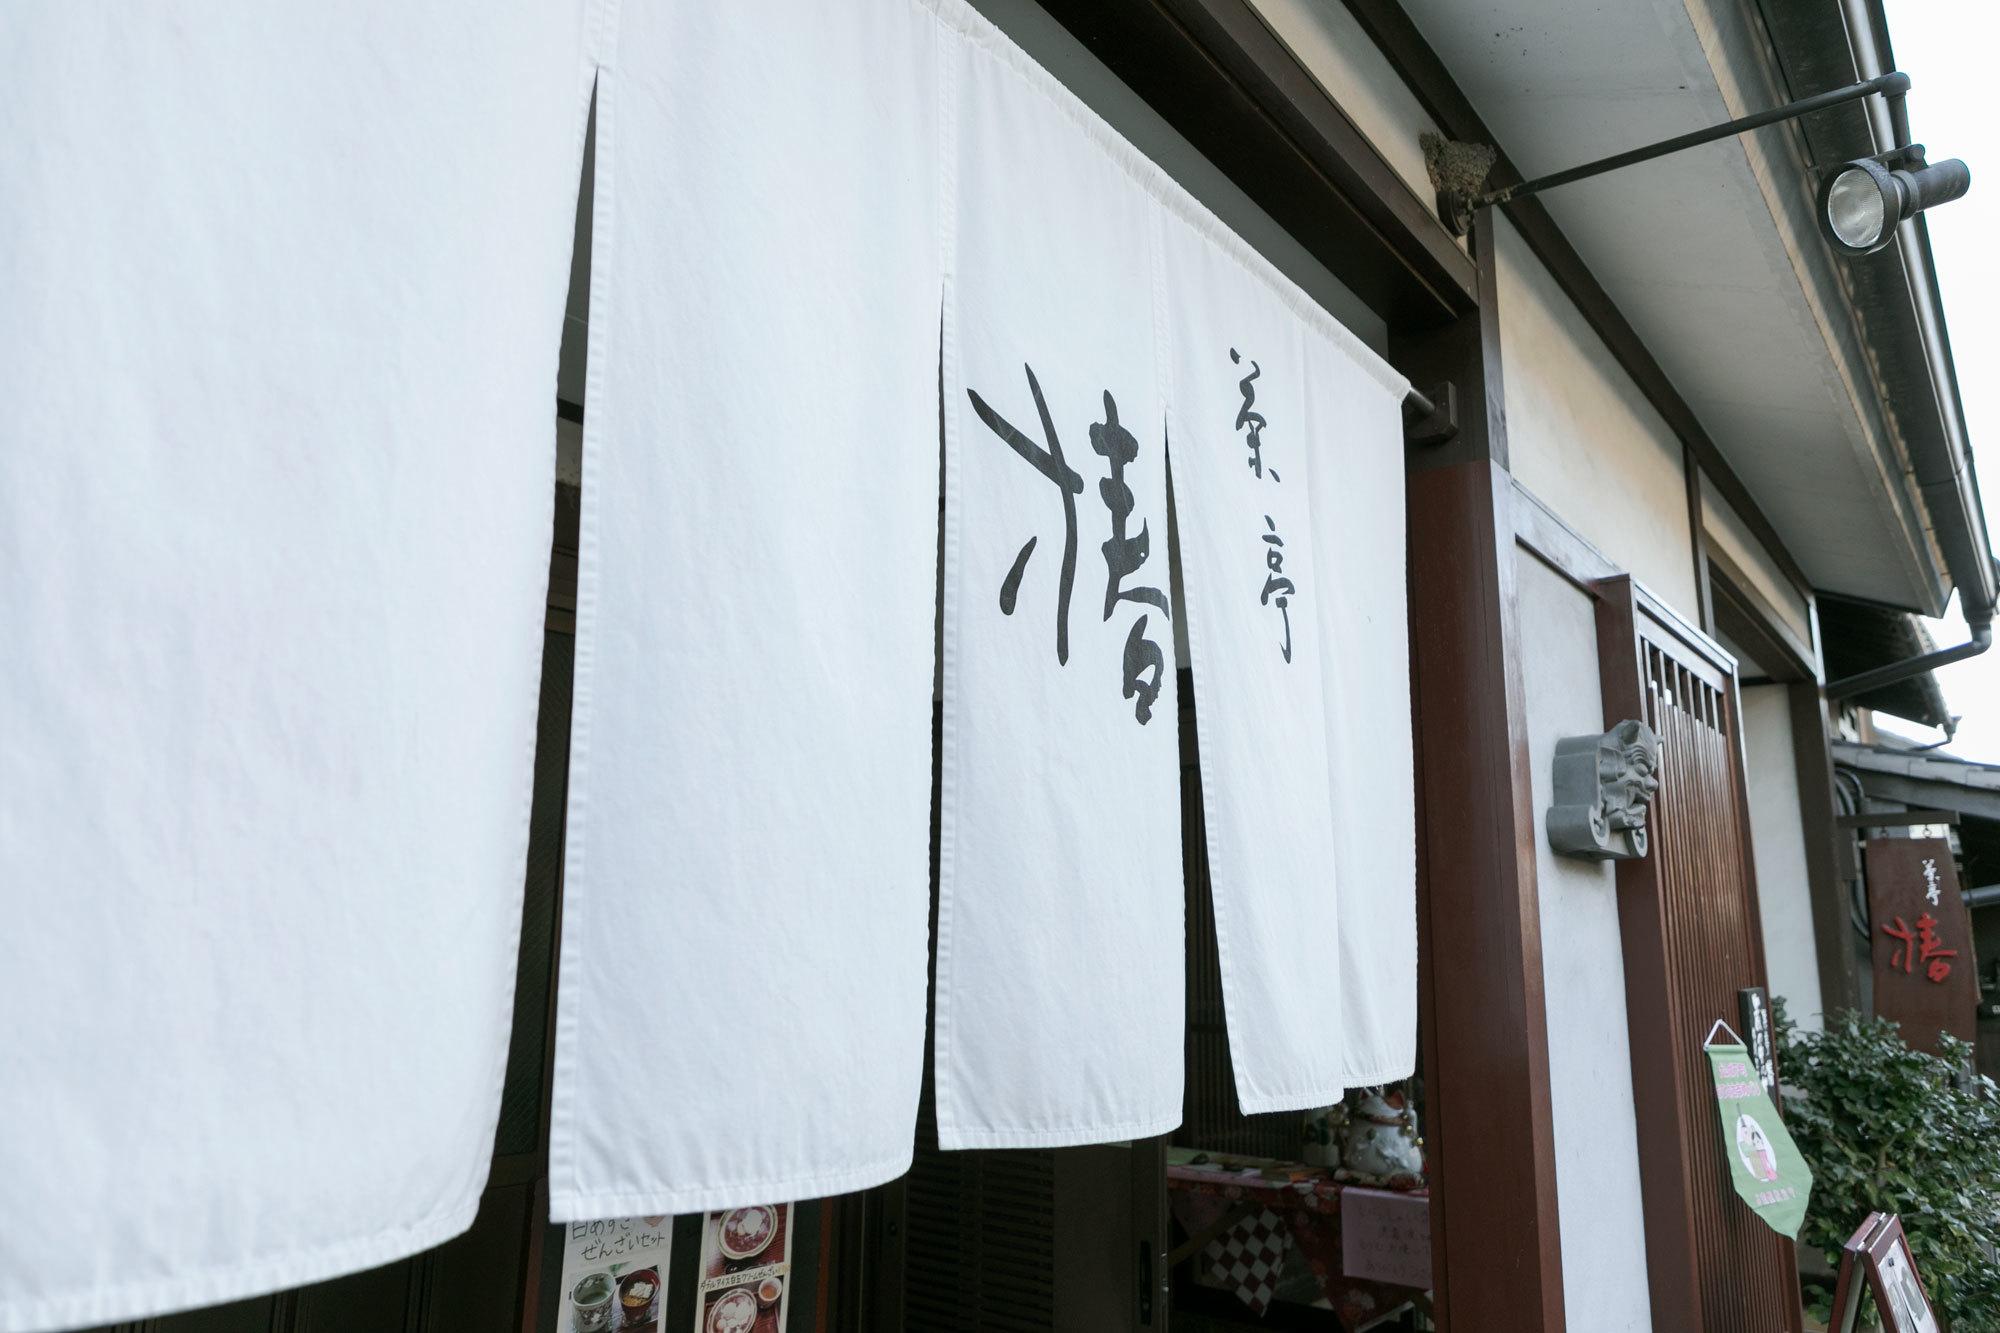 犬山城景物語ポストカード販売開始_f0361287_11271517.jpg